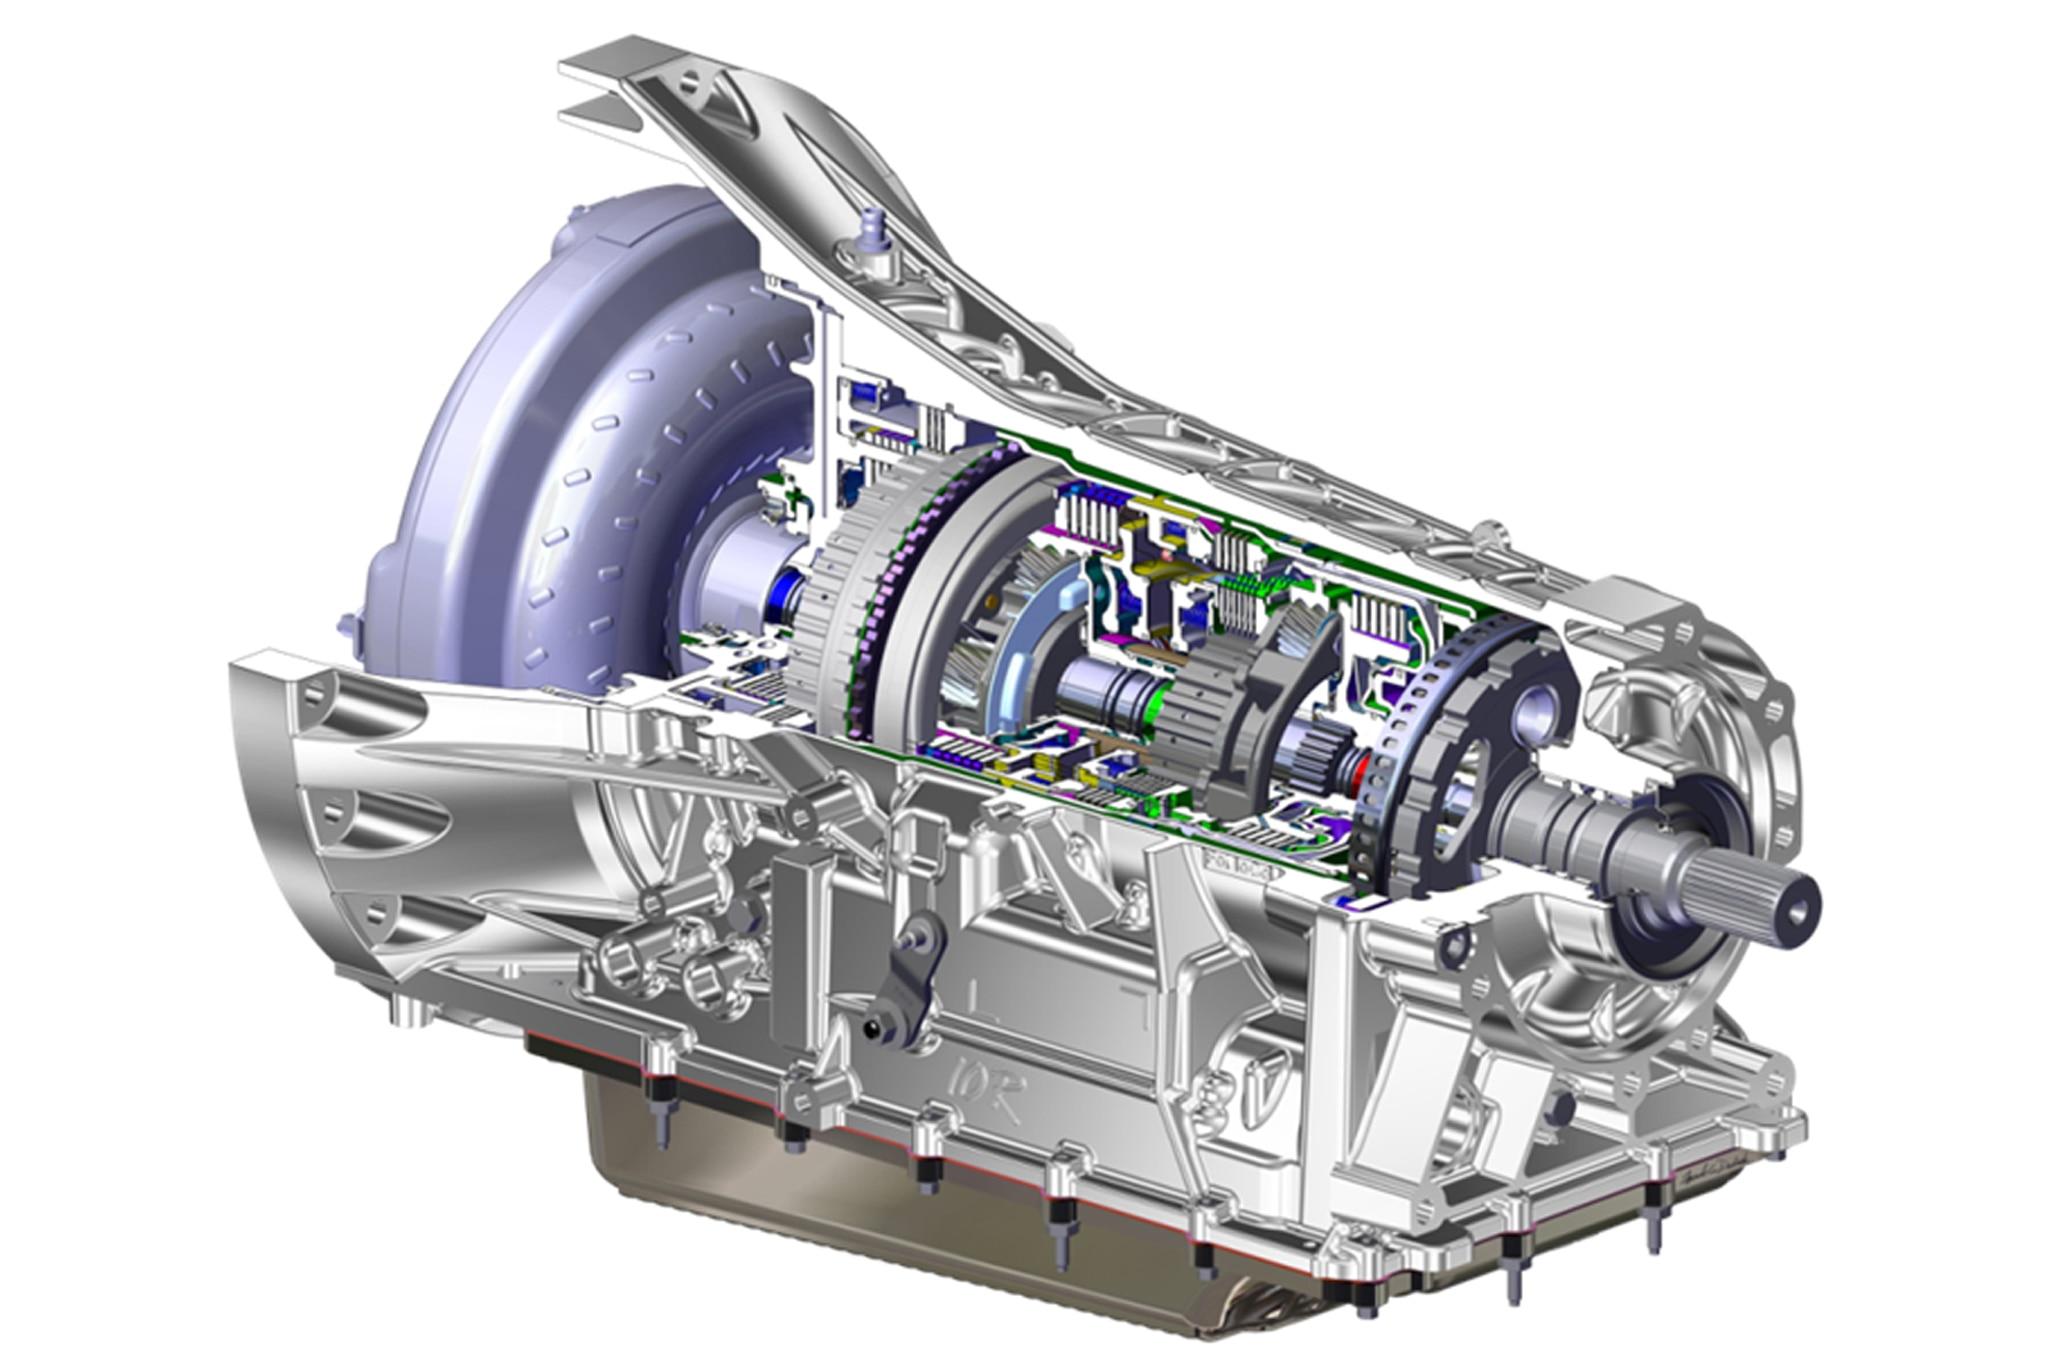 2017 ford f 150 adds second gen 3 5 liter ecoboost 10 speed transmission automobile magazine. Black Bedroom Furniture Sets. Home Design Ideas